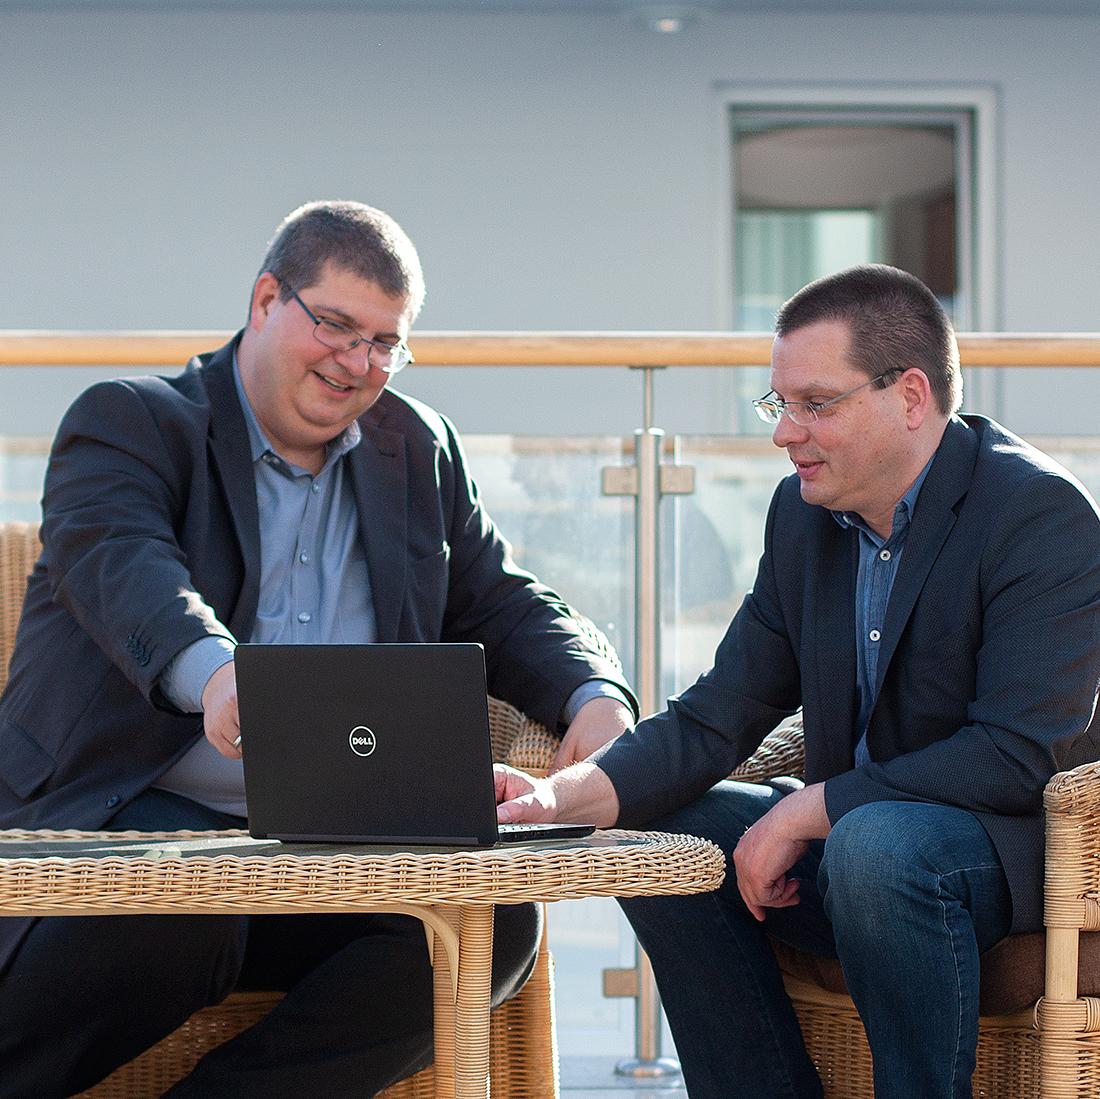 Arne Palow (l.) und Joerg Dubslaff (r.), Mitarbeiter von Controlware Berlin, sitzen vor einem Laptop bei einer Besprechung.